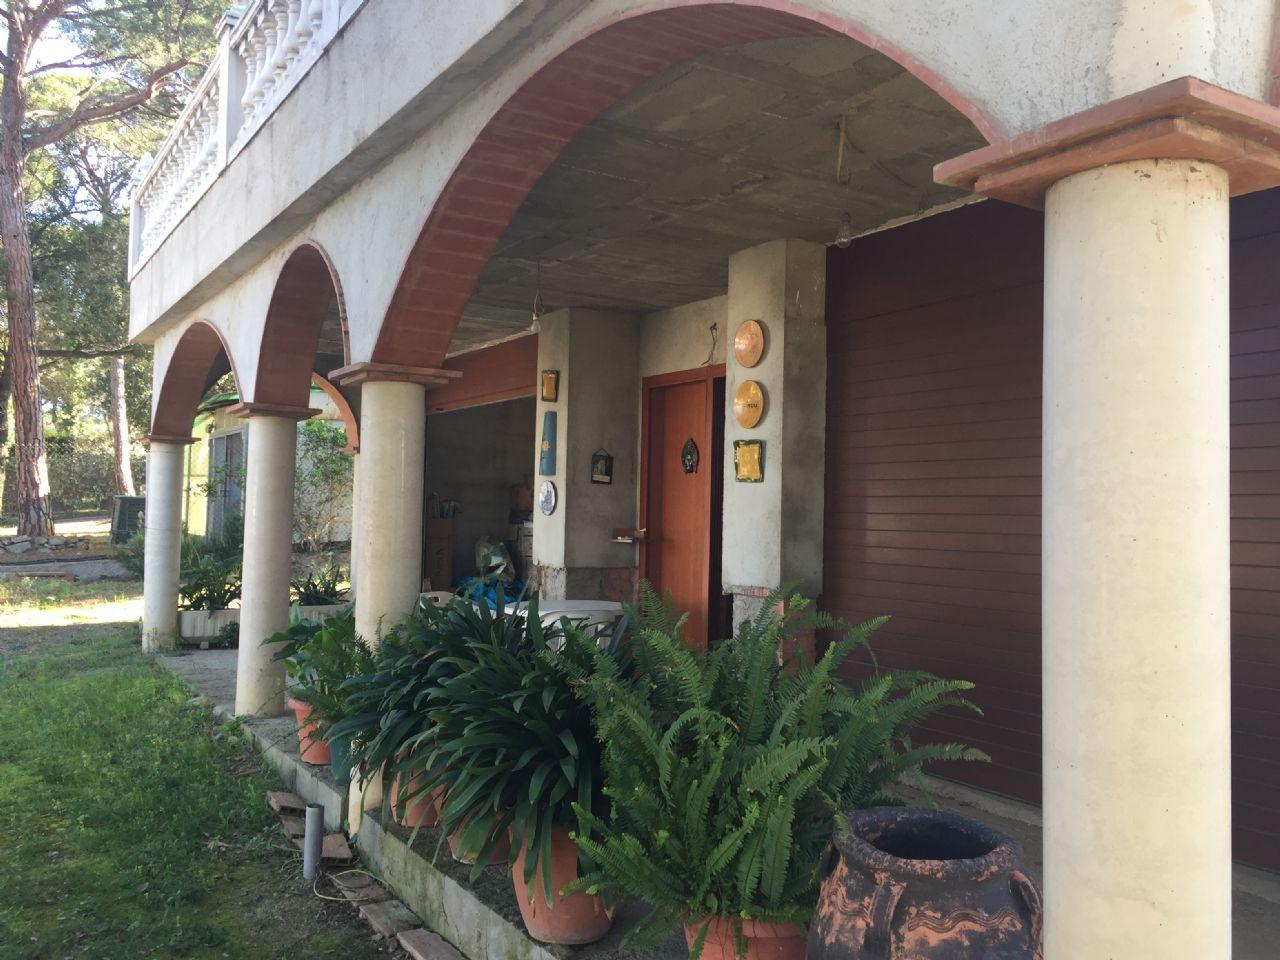 Casa / Chalet en Dosrius, Can Massuet de Far, venta